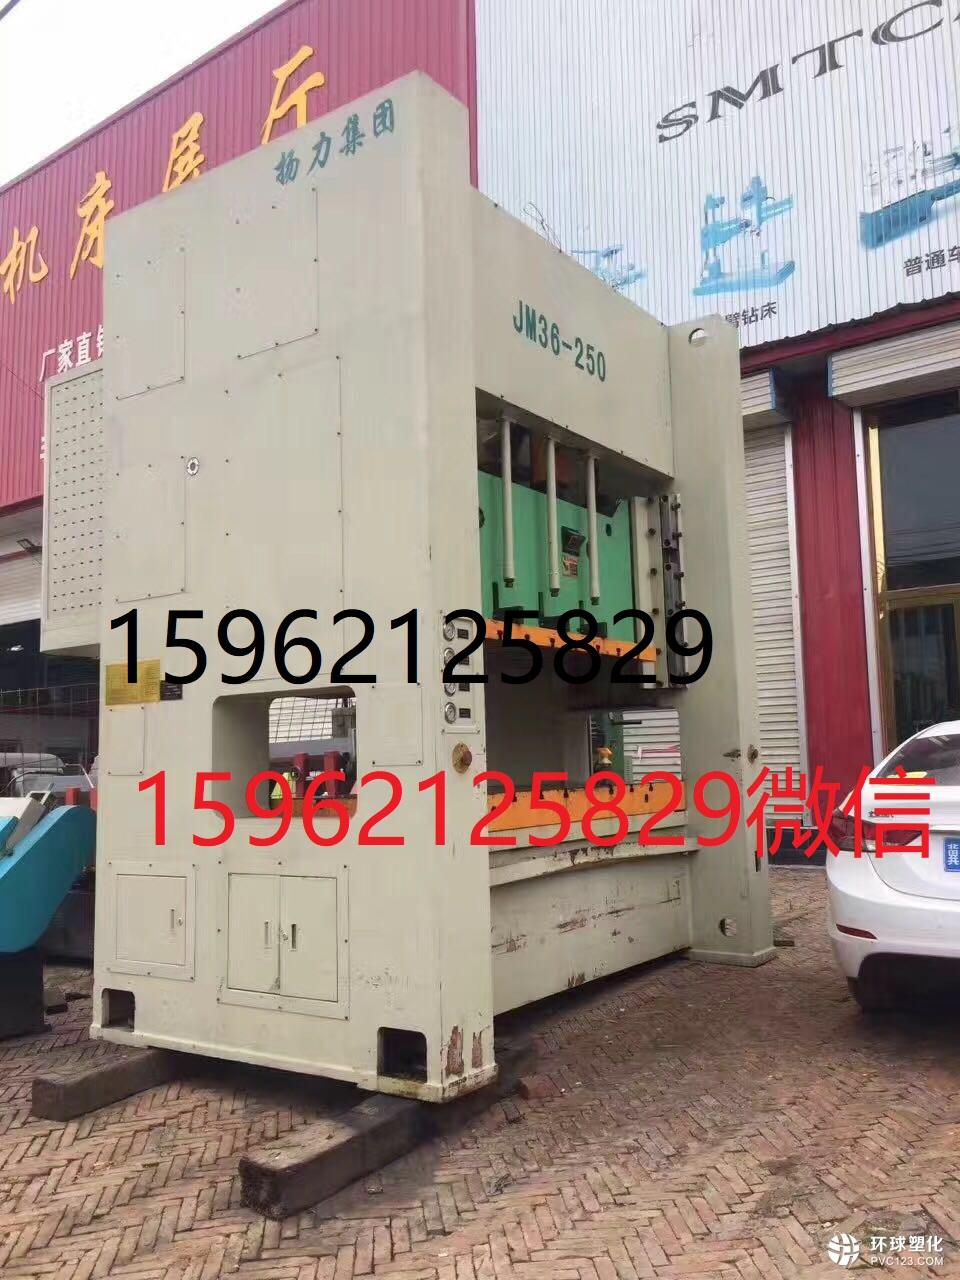 镇江回收机床回收(镇江)镇江回收机床回收的价格